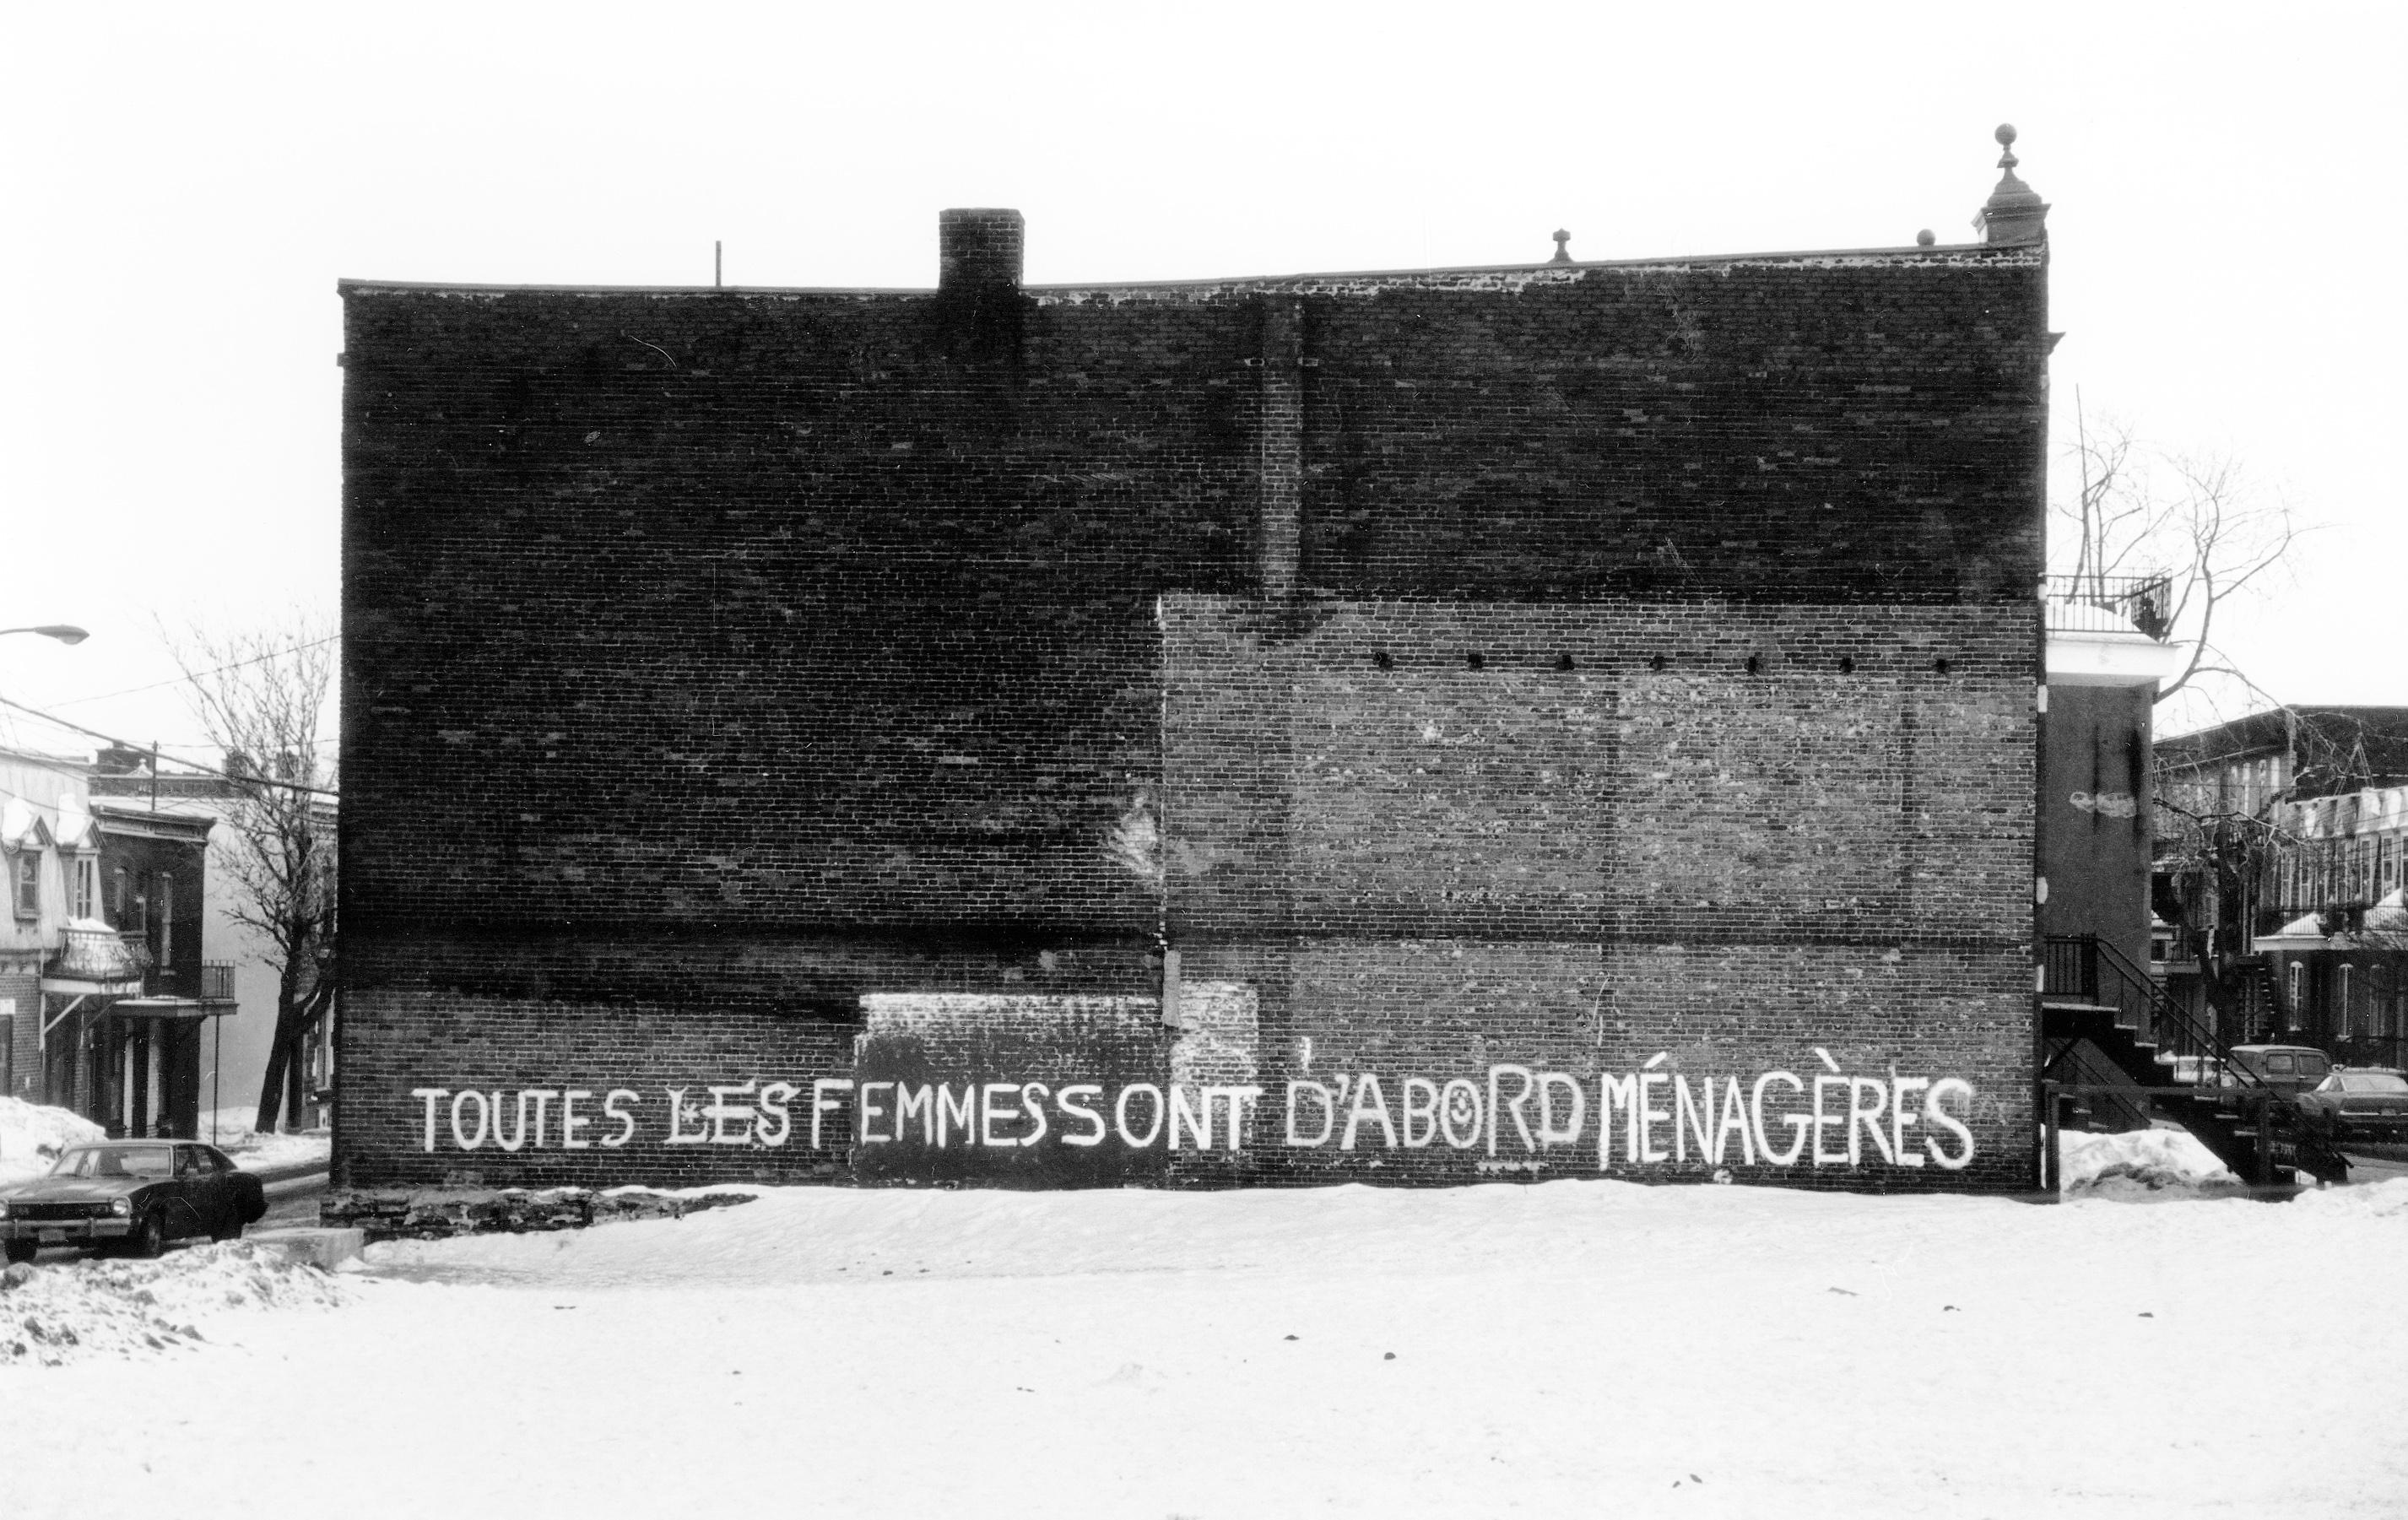 <b>Affiche « Toutes les femmes sont d'abord ménagères », à partir d'une photo de Raymonde Lamothe, 1978.</b> Remue-ménage